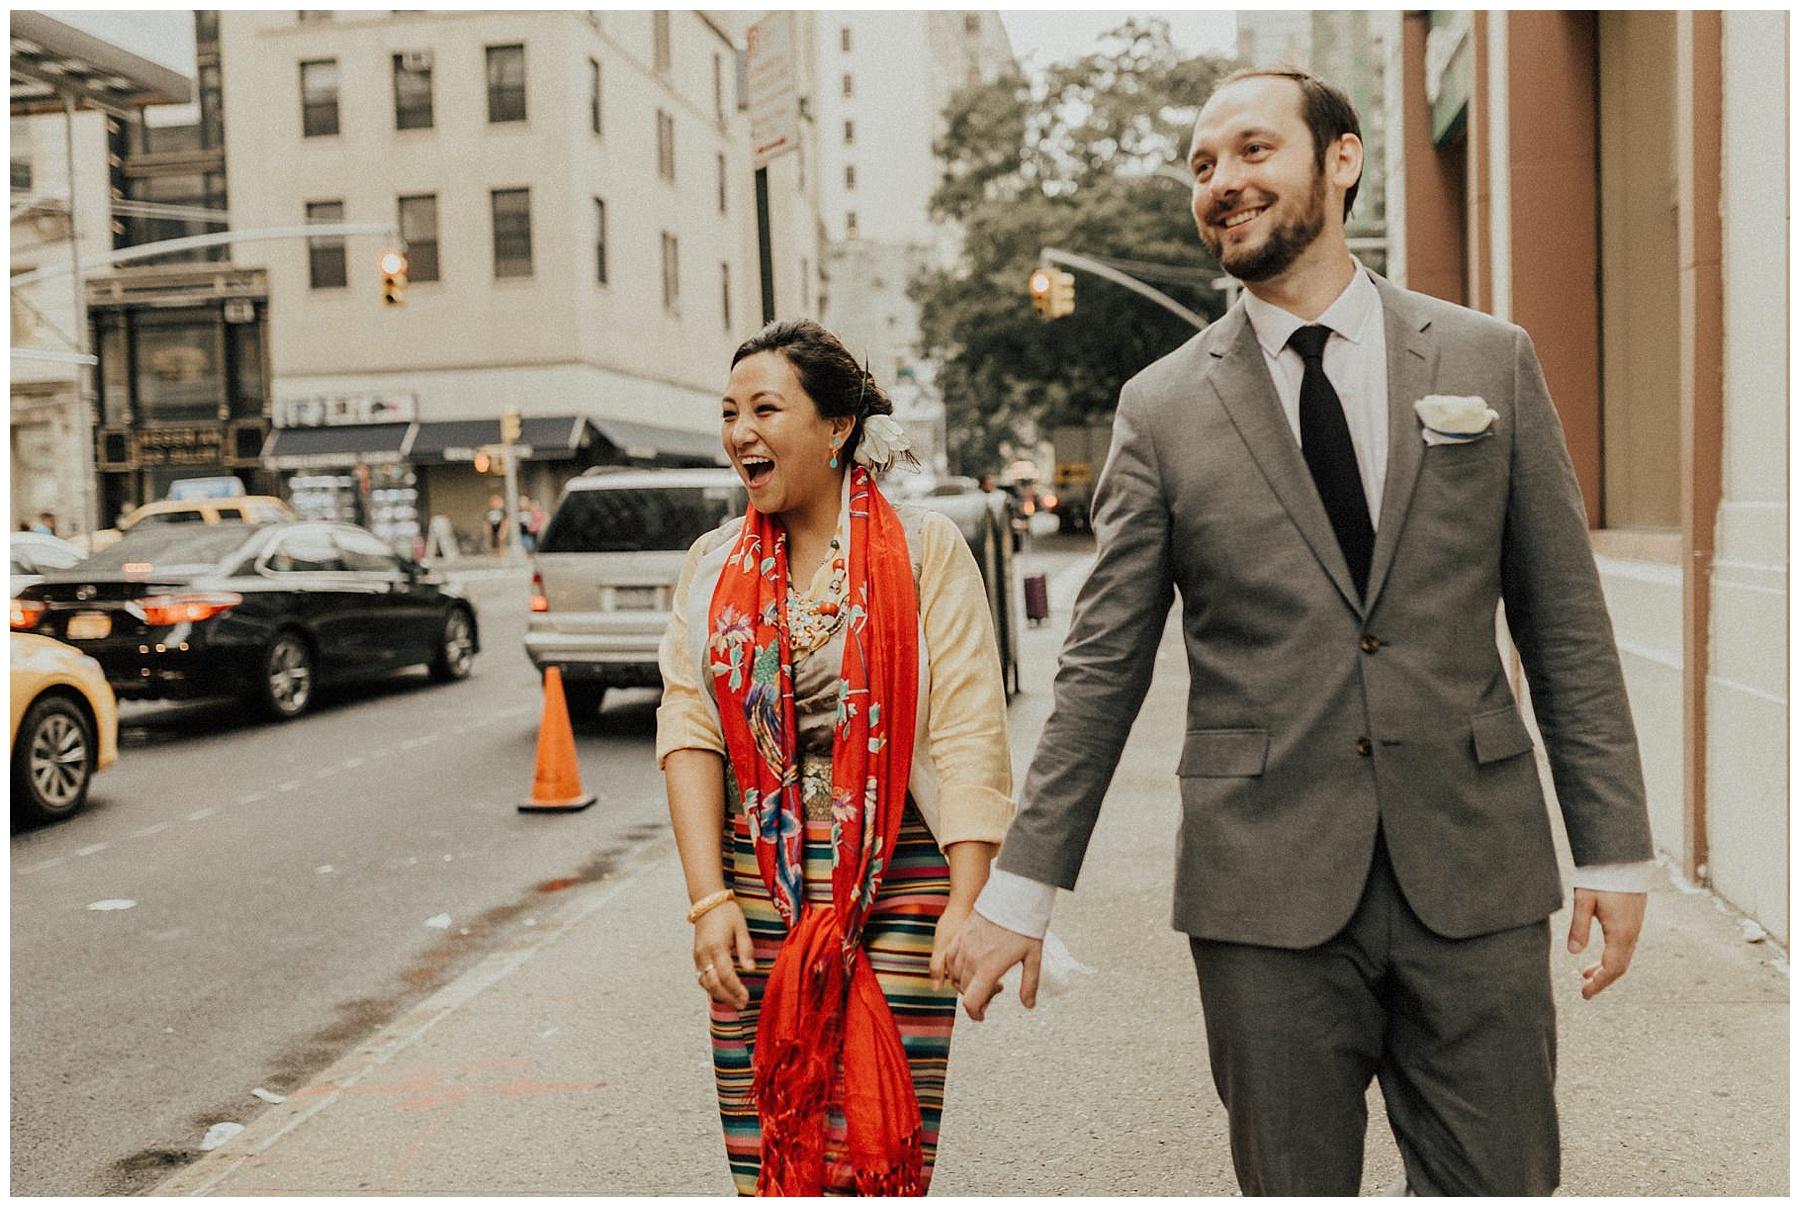 New York City Wedding New York City Wedding Photographer-125.jpg